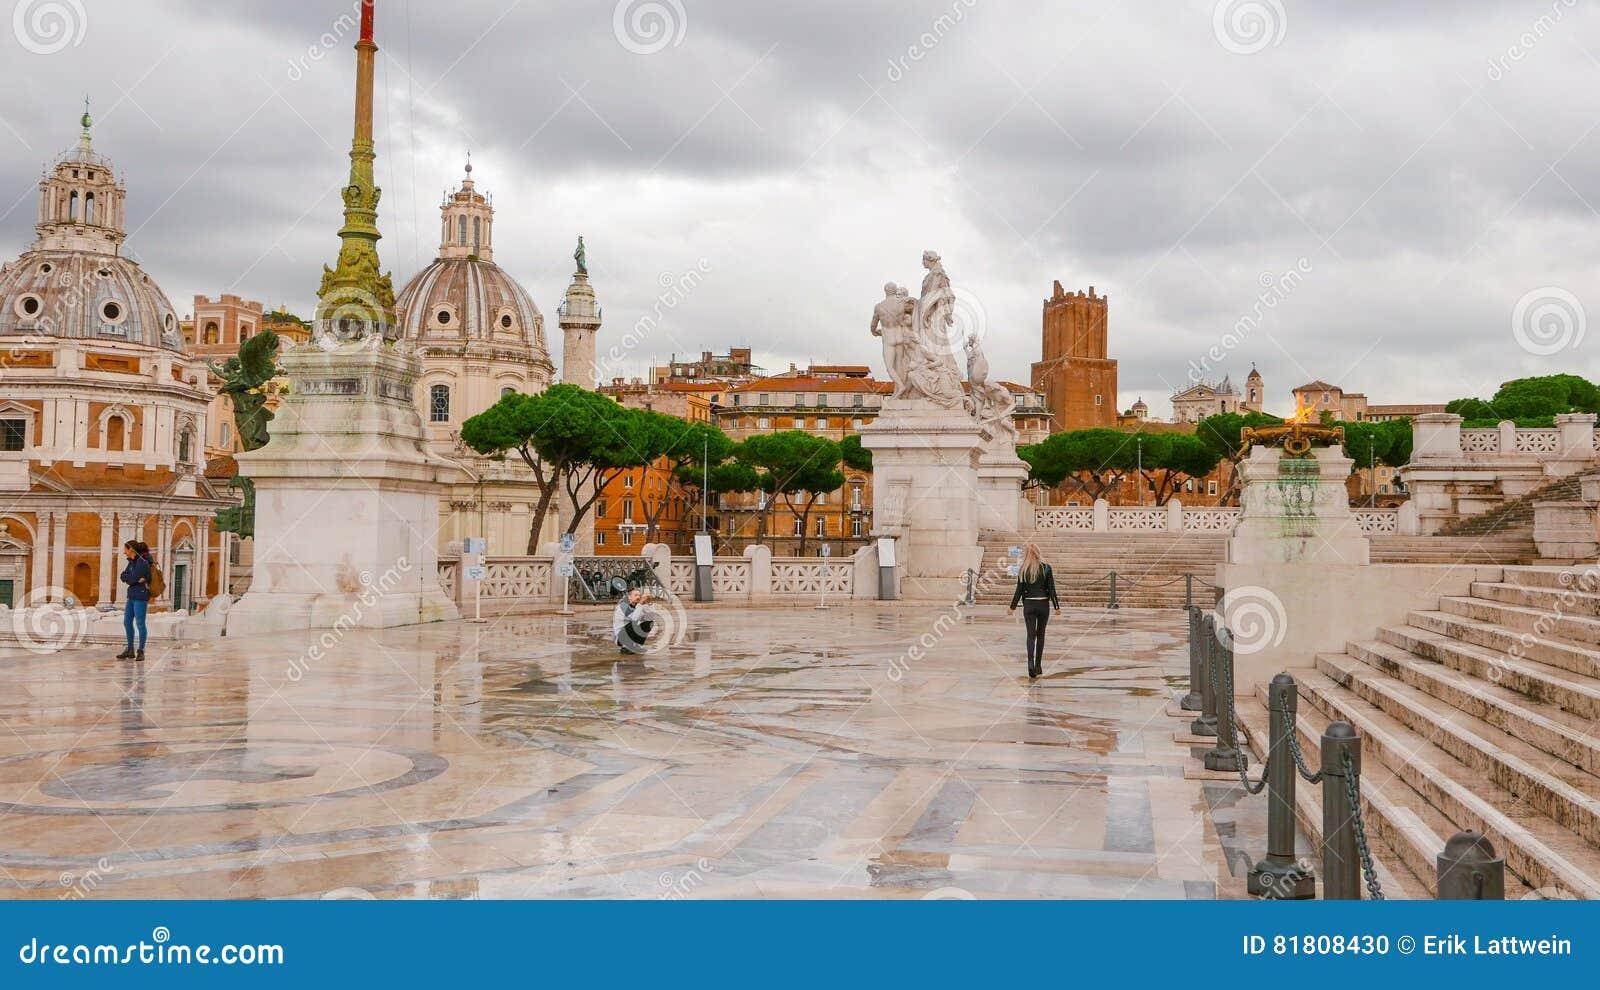 Известный национальный монумент в Риме - Vittorio Emanuele II